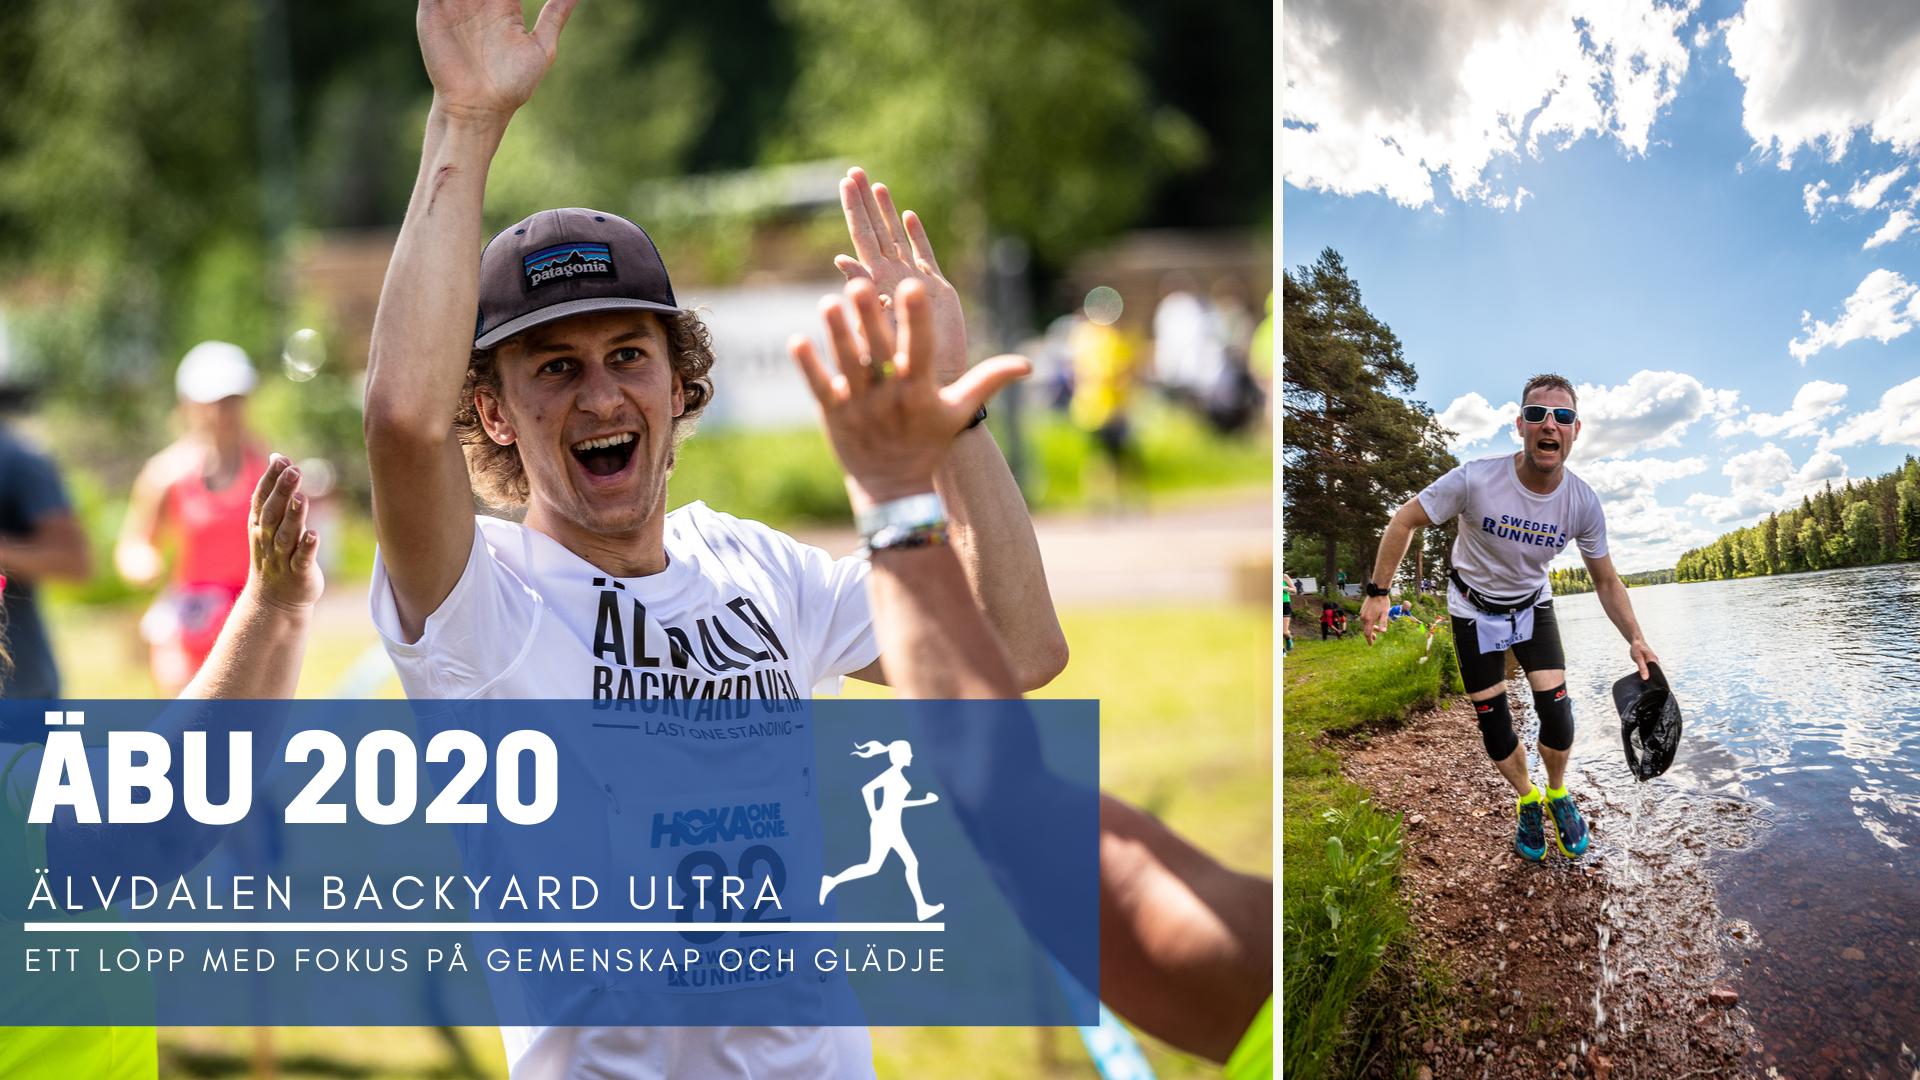 Älvdalen Backyard Ultra Sweden Runners